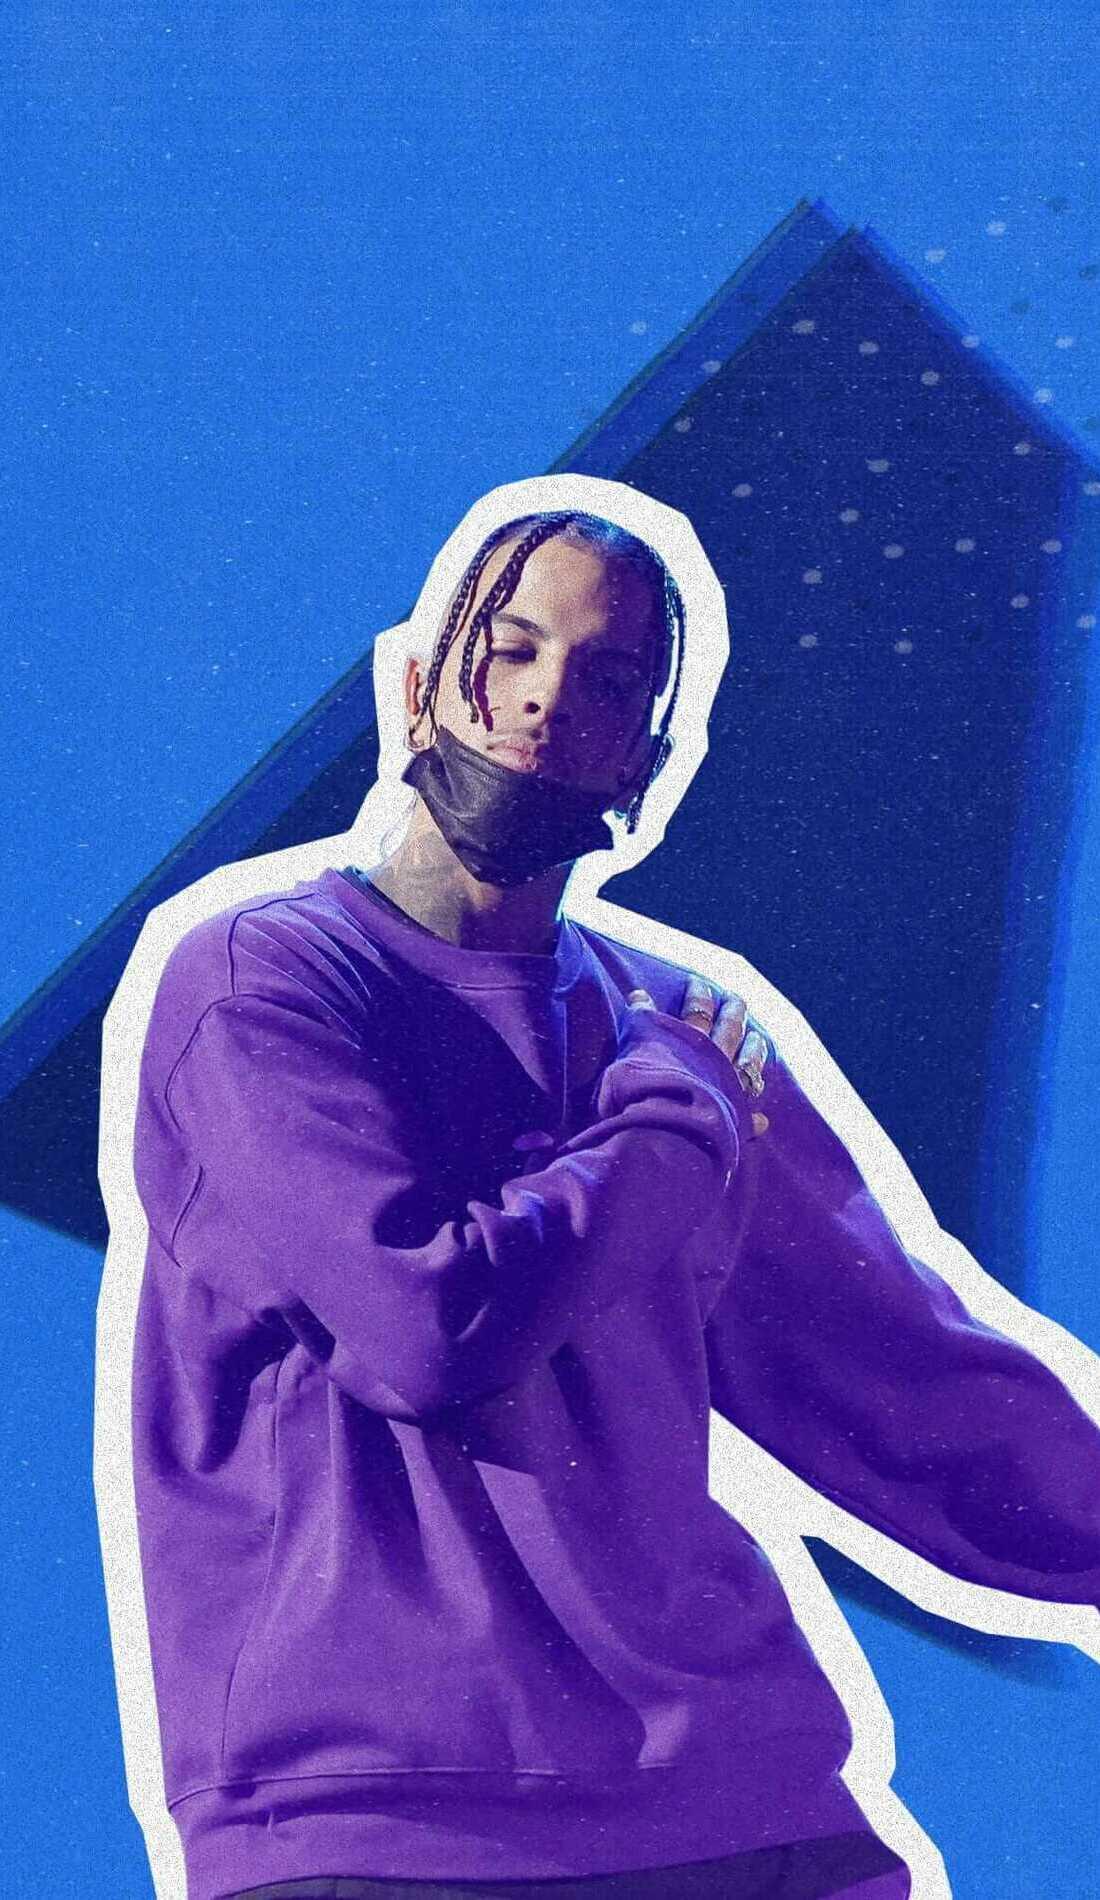 A Rauw Alejandro live event